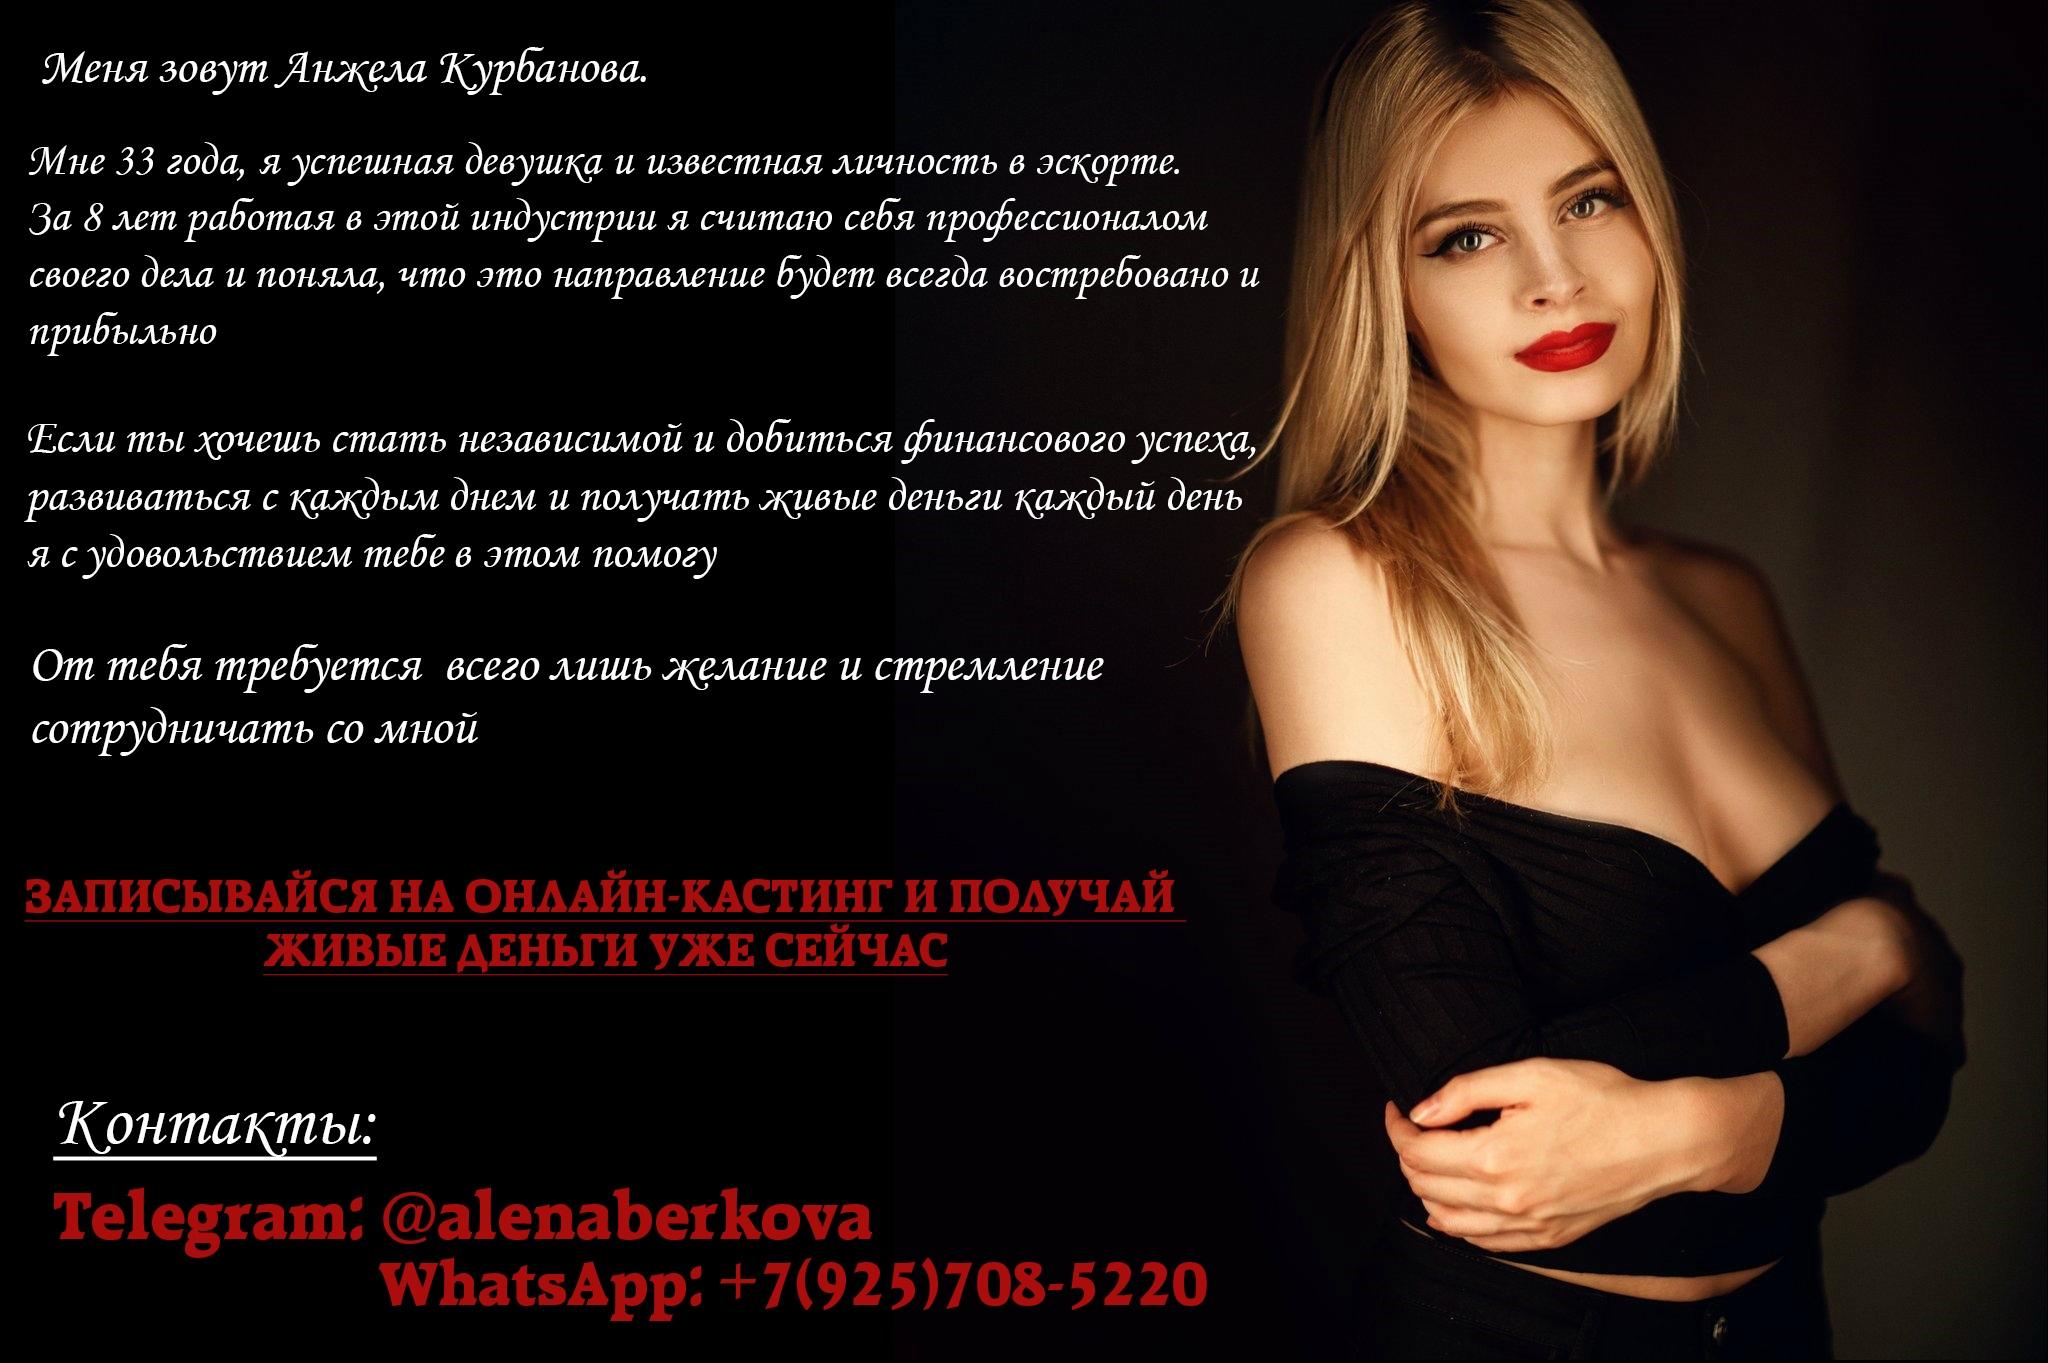 Работа девушкам в отелях москвы depeche mode веб модель